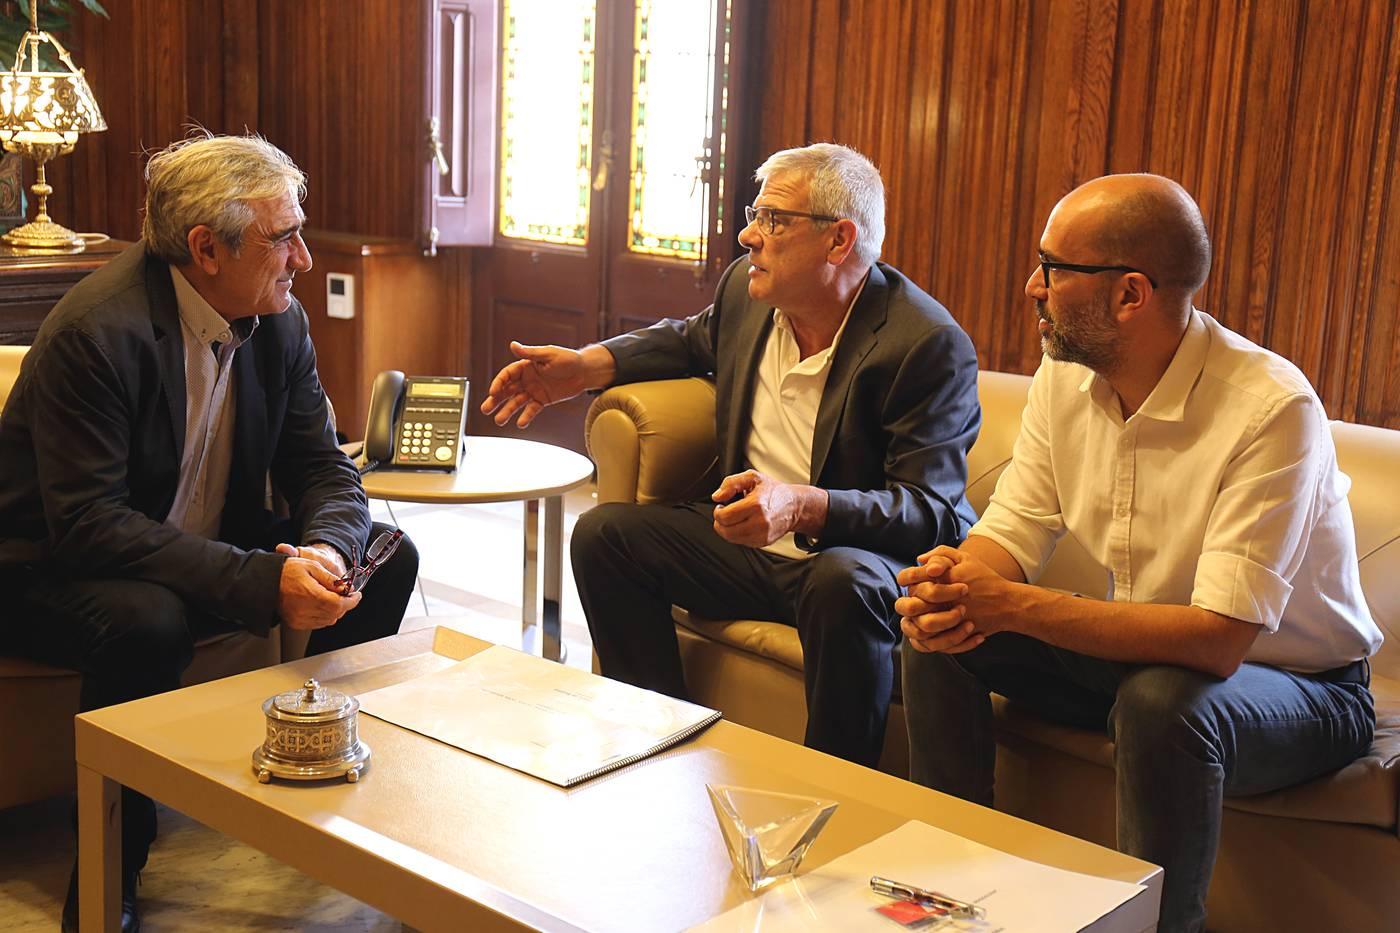 Reunió del president del Consorci amb l'alcalde de Terrassa per presentar el projecte de la nova seu